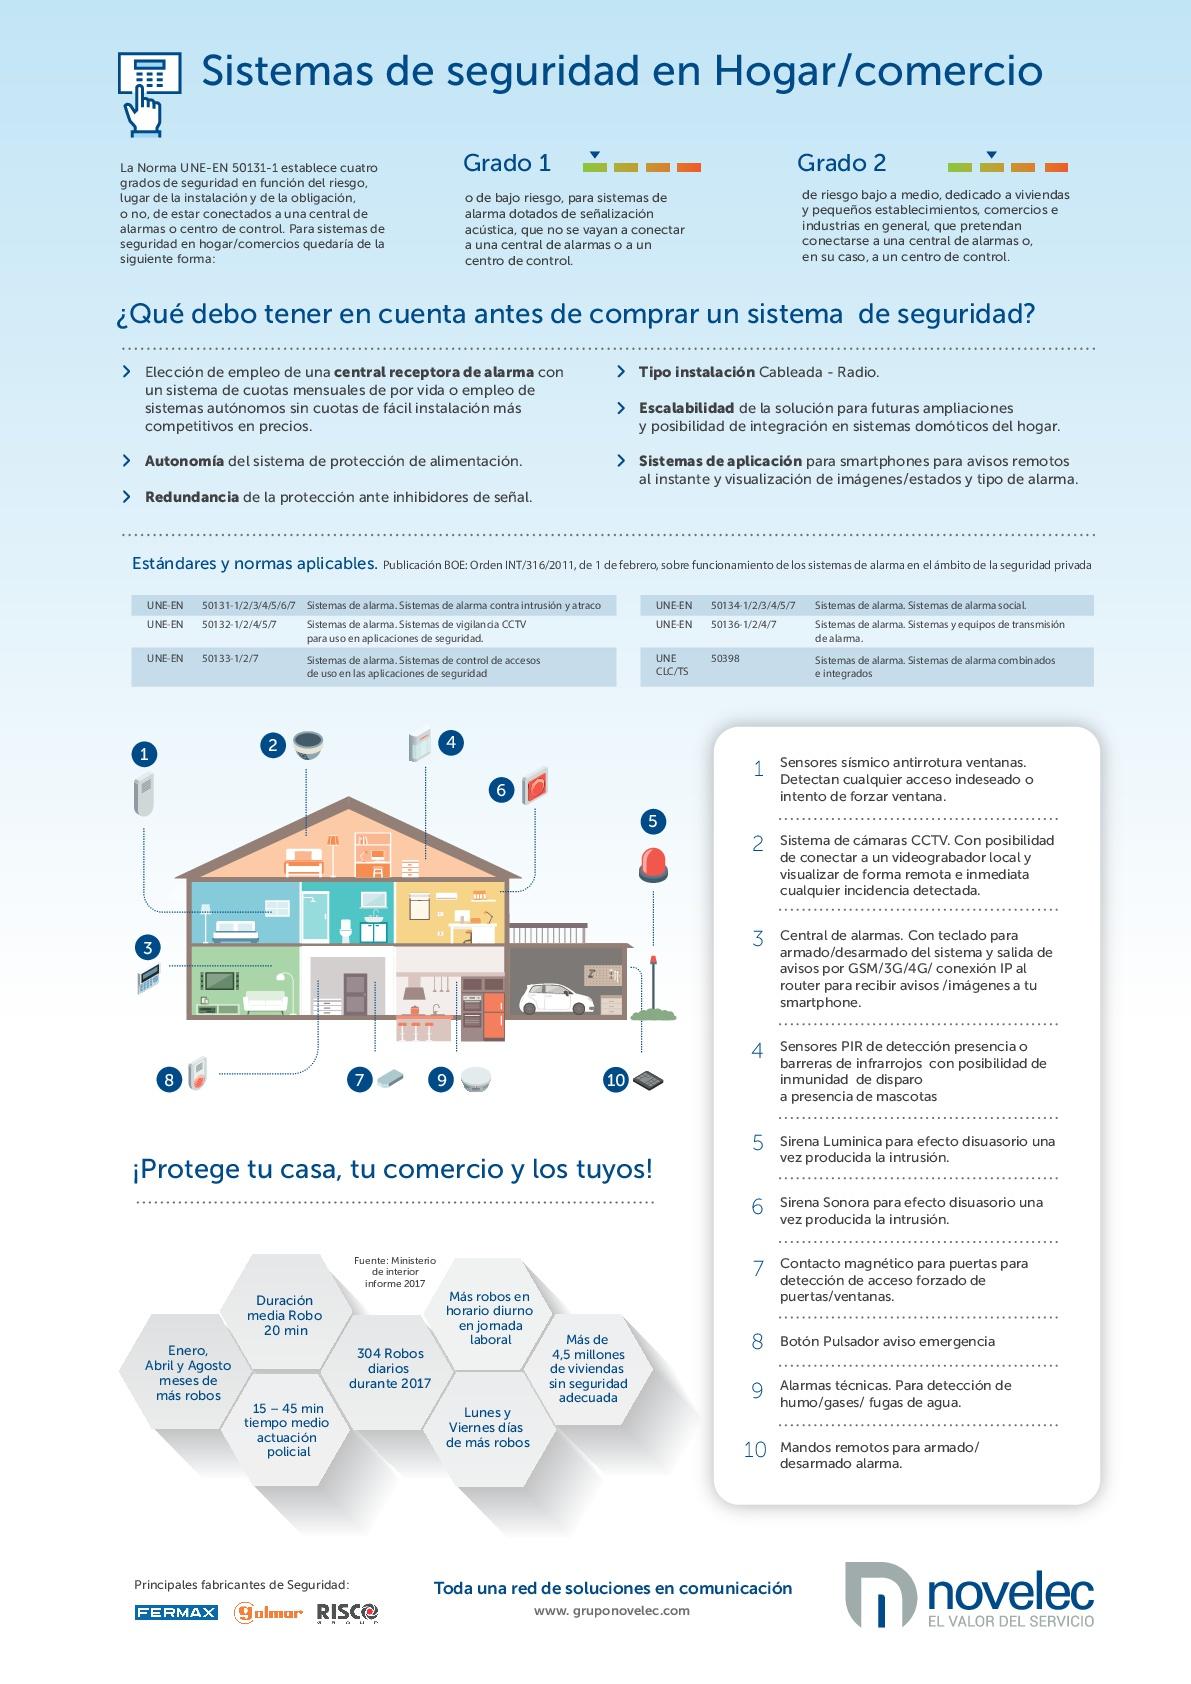 Sistemas de seguridad en el hogar y el comercio